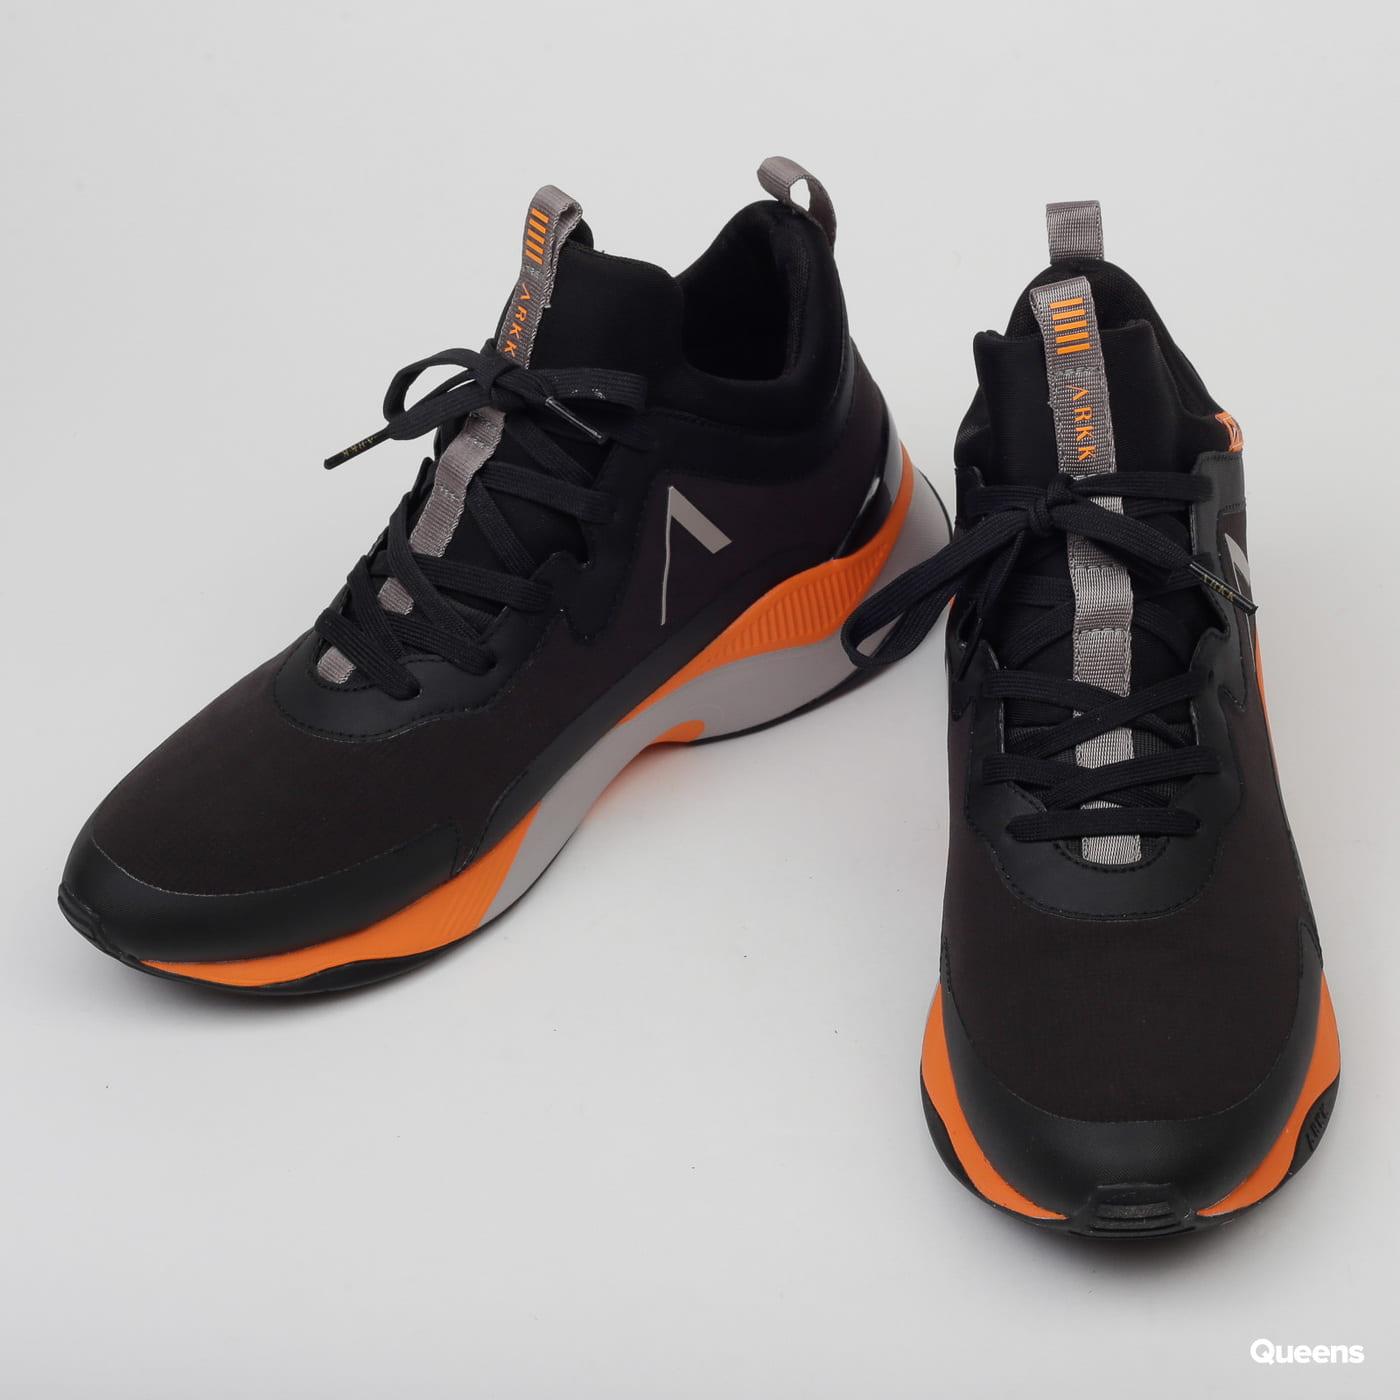 ARKK Copenhagen Stormrydr Nylon HS Vulkn Vibram black orange glory